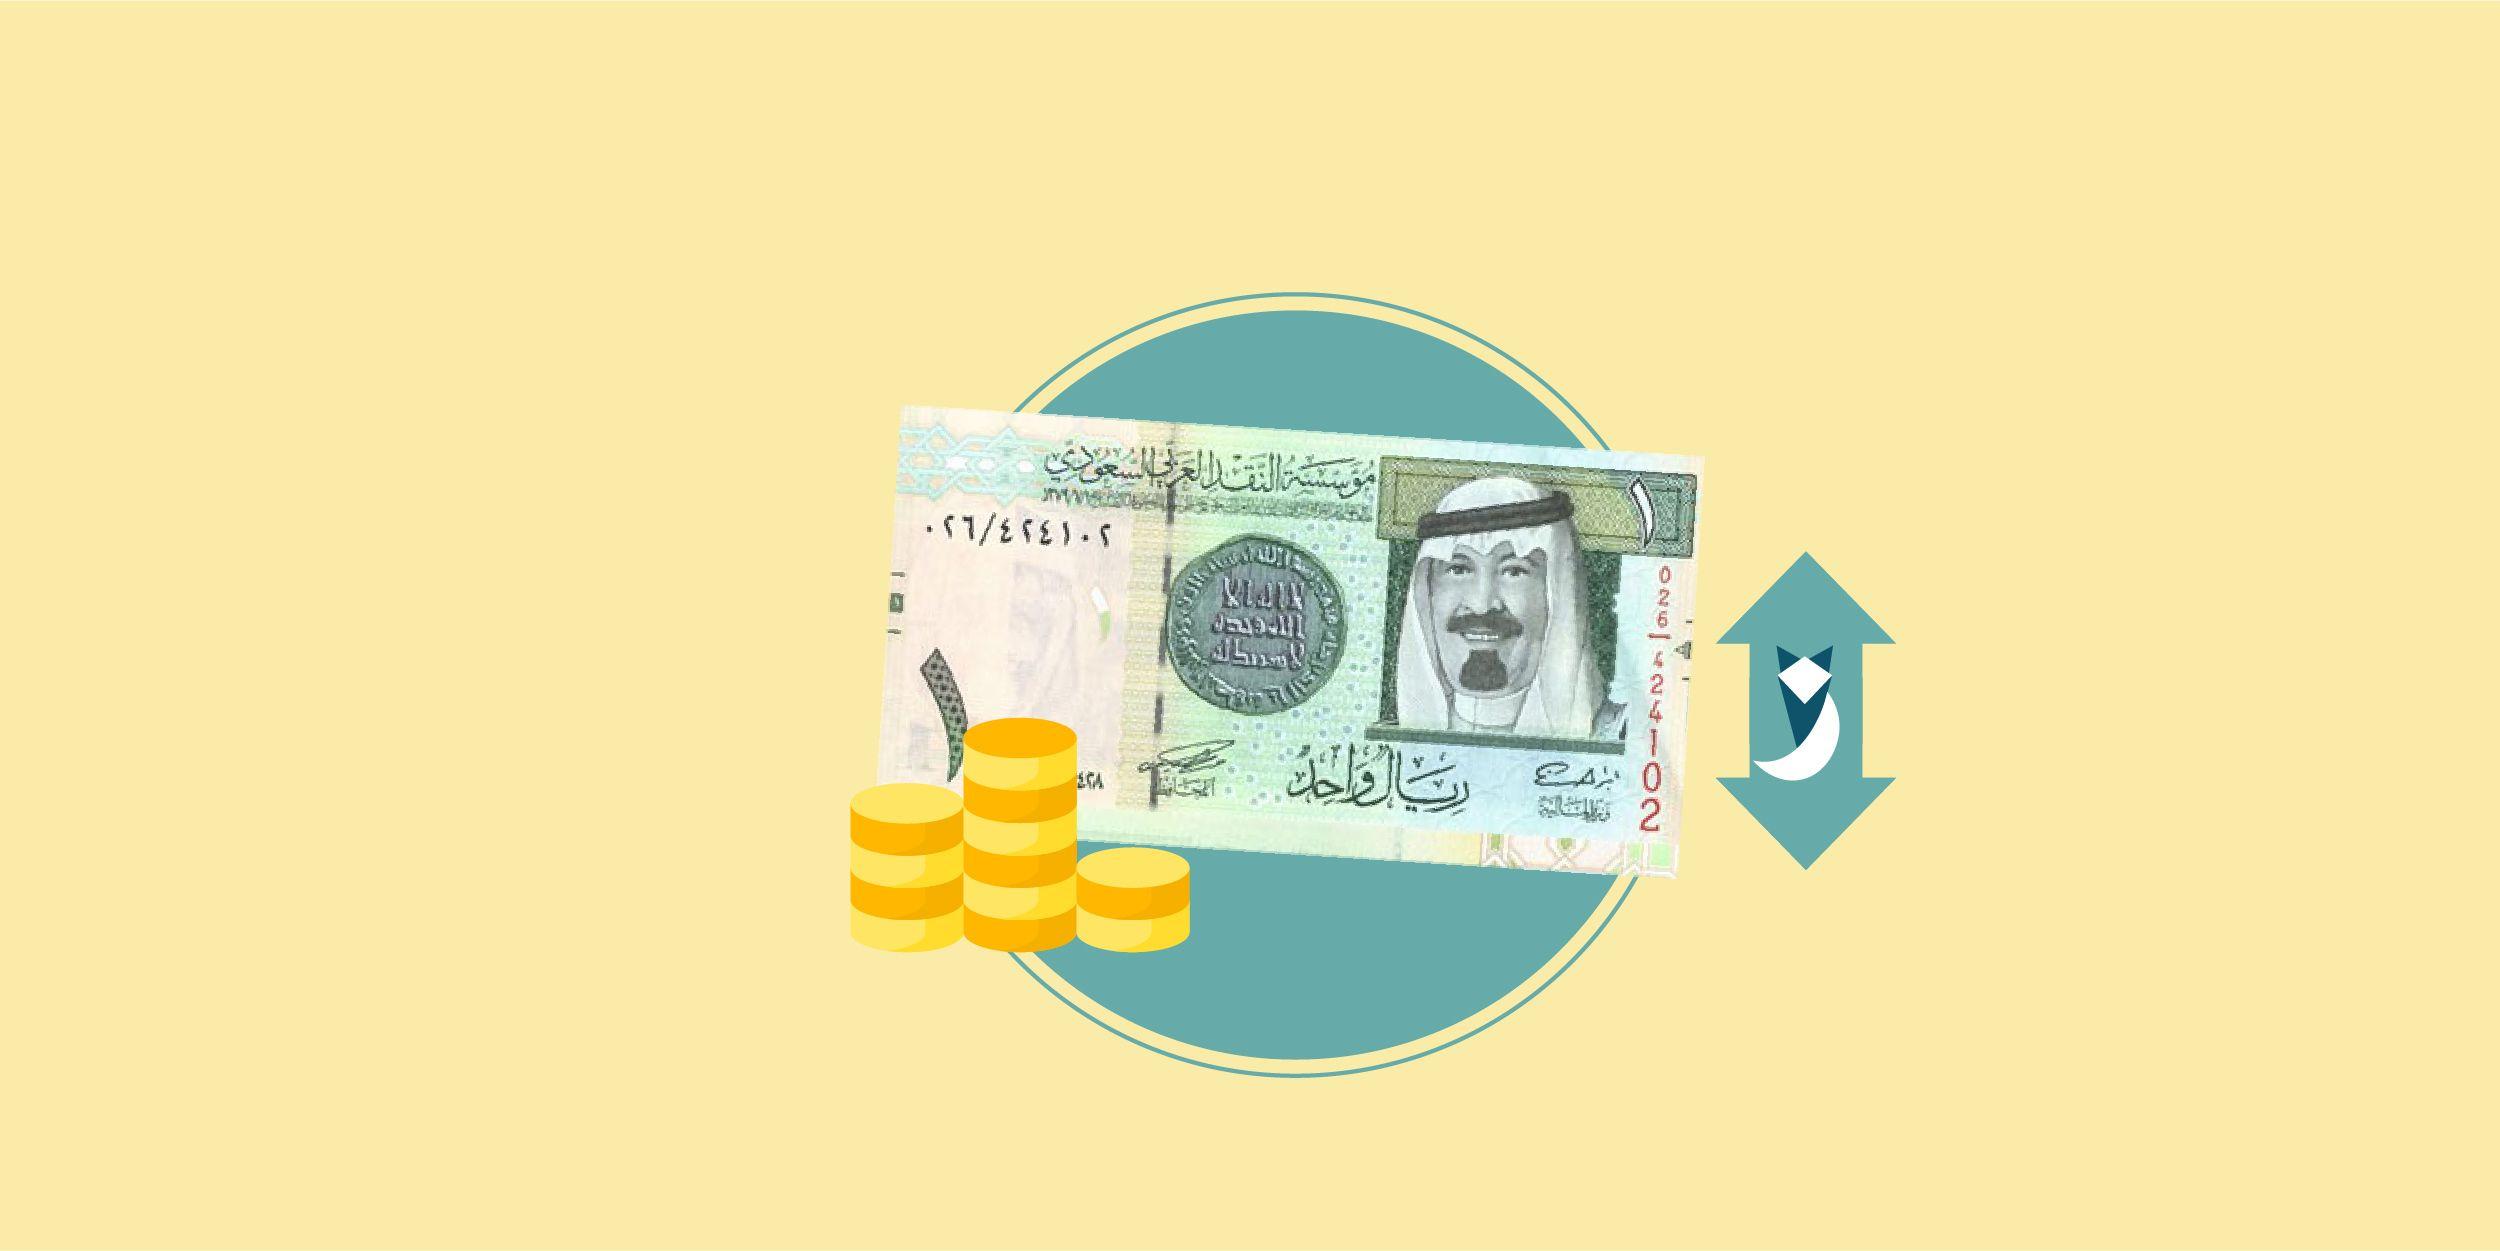 سعر الريال السعودي في البنوك المصرية : الخميس 24 يونيو 2021